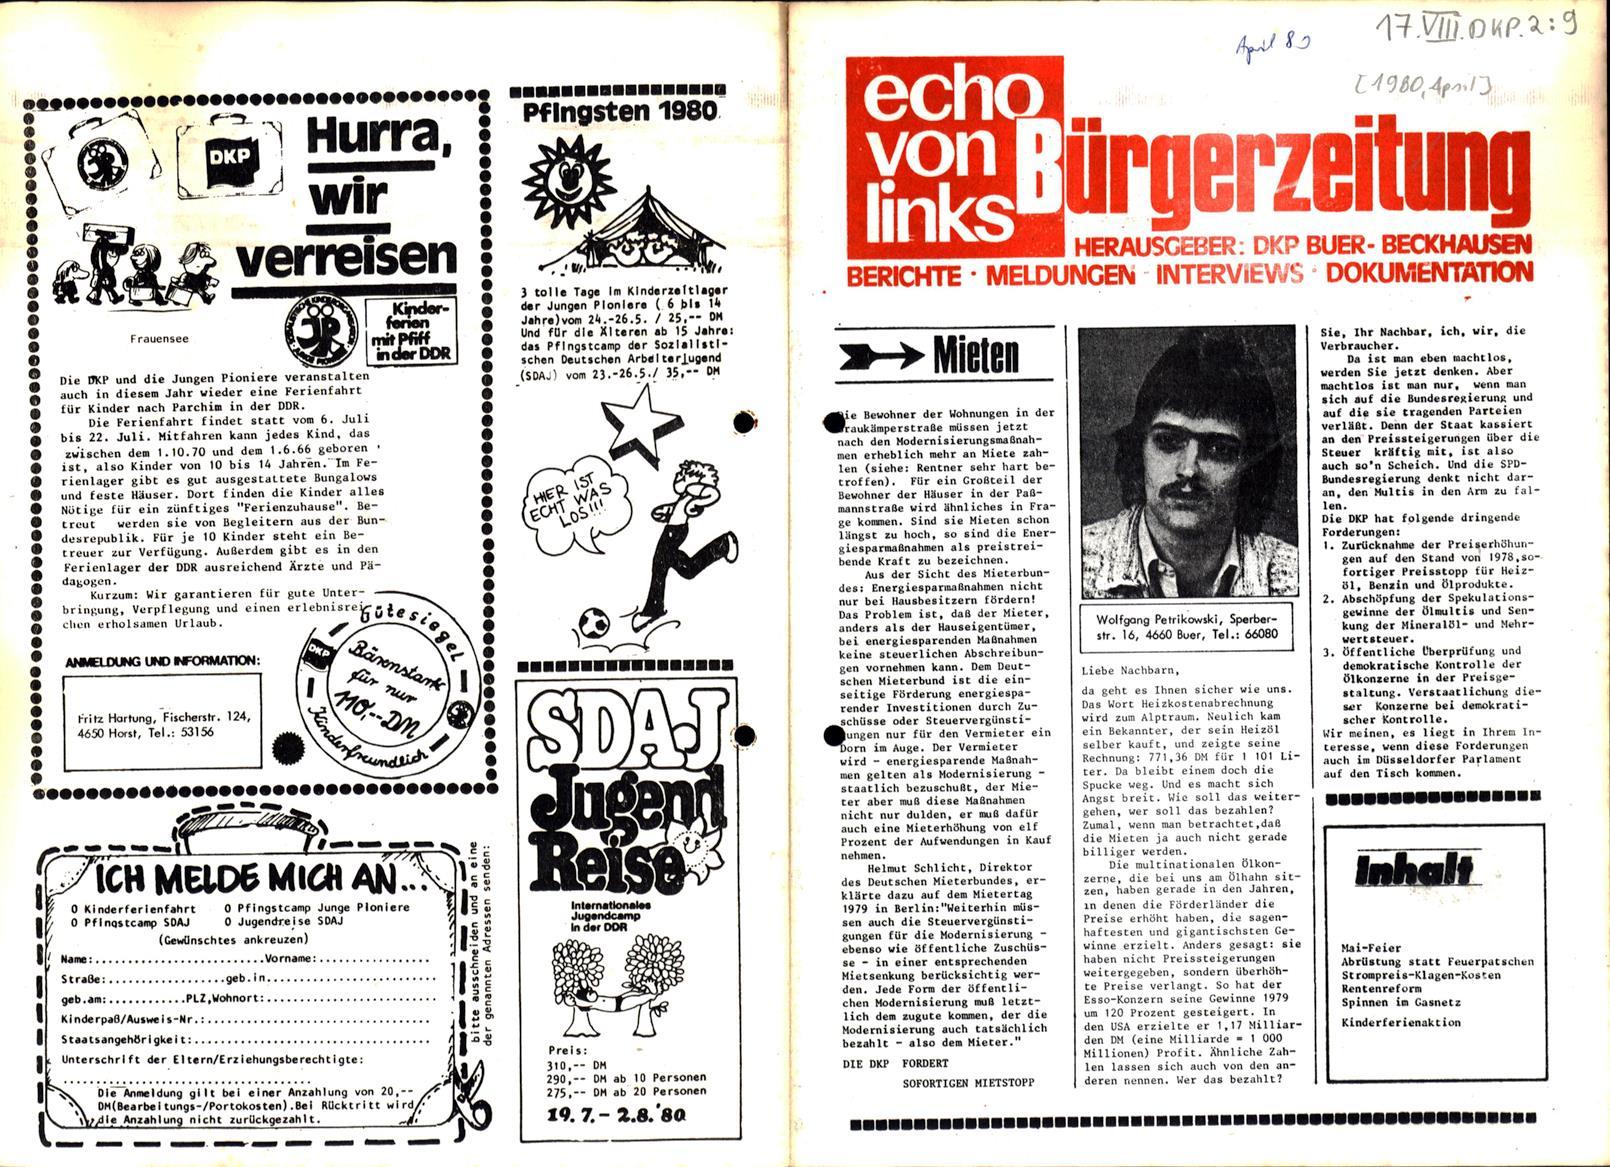 Gelsenkirchen_DKP_Echo_von_links_19800400_01